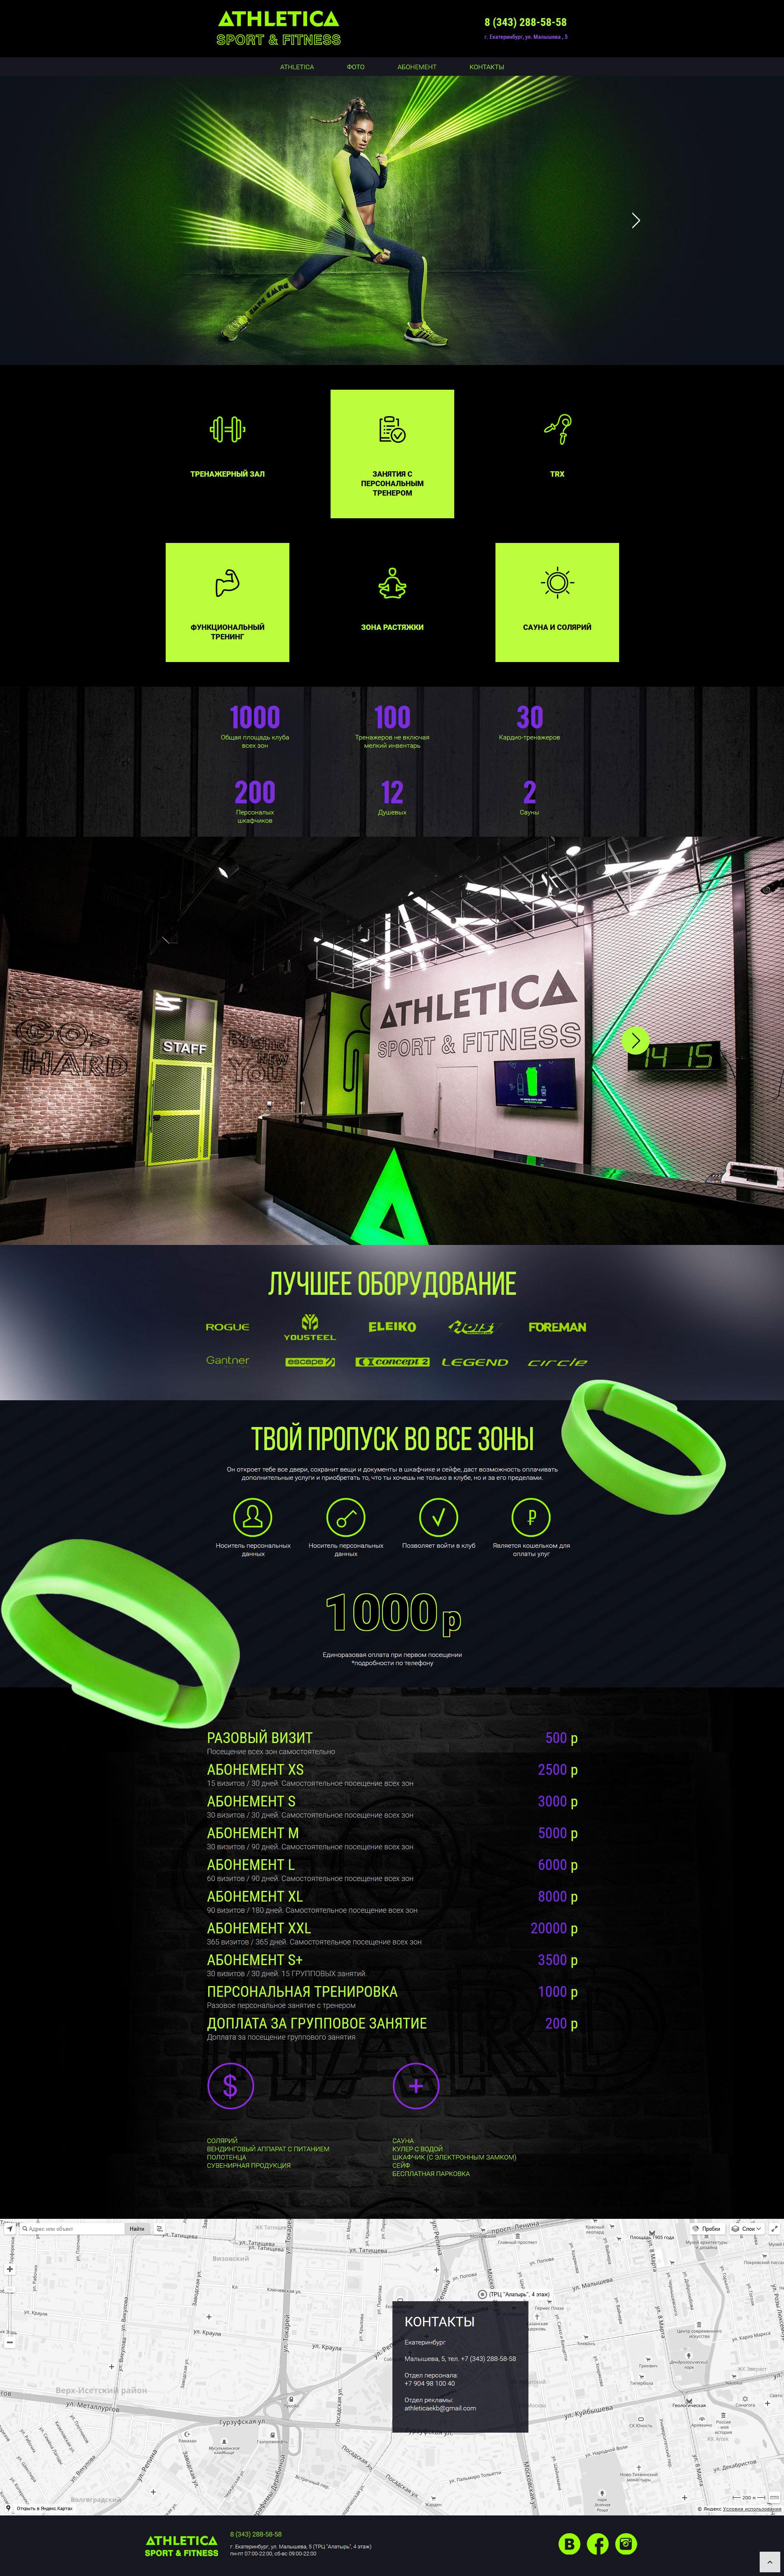 Пример дизайна лендинга для ФК Атлетика